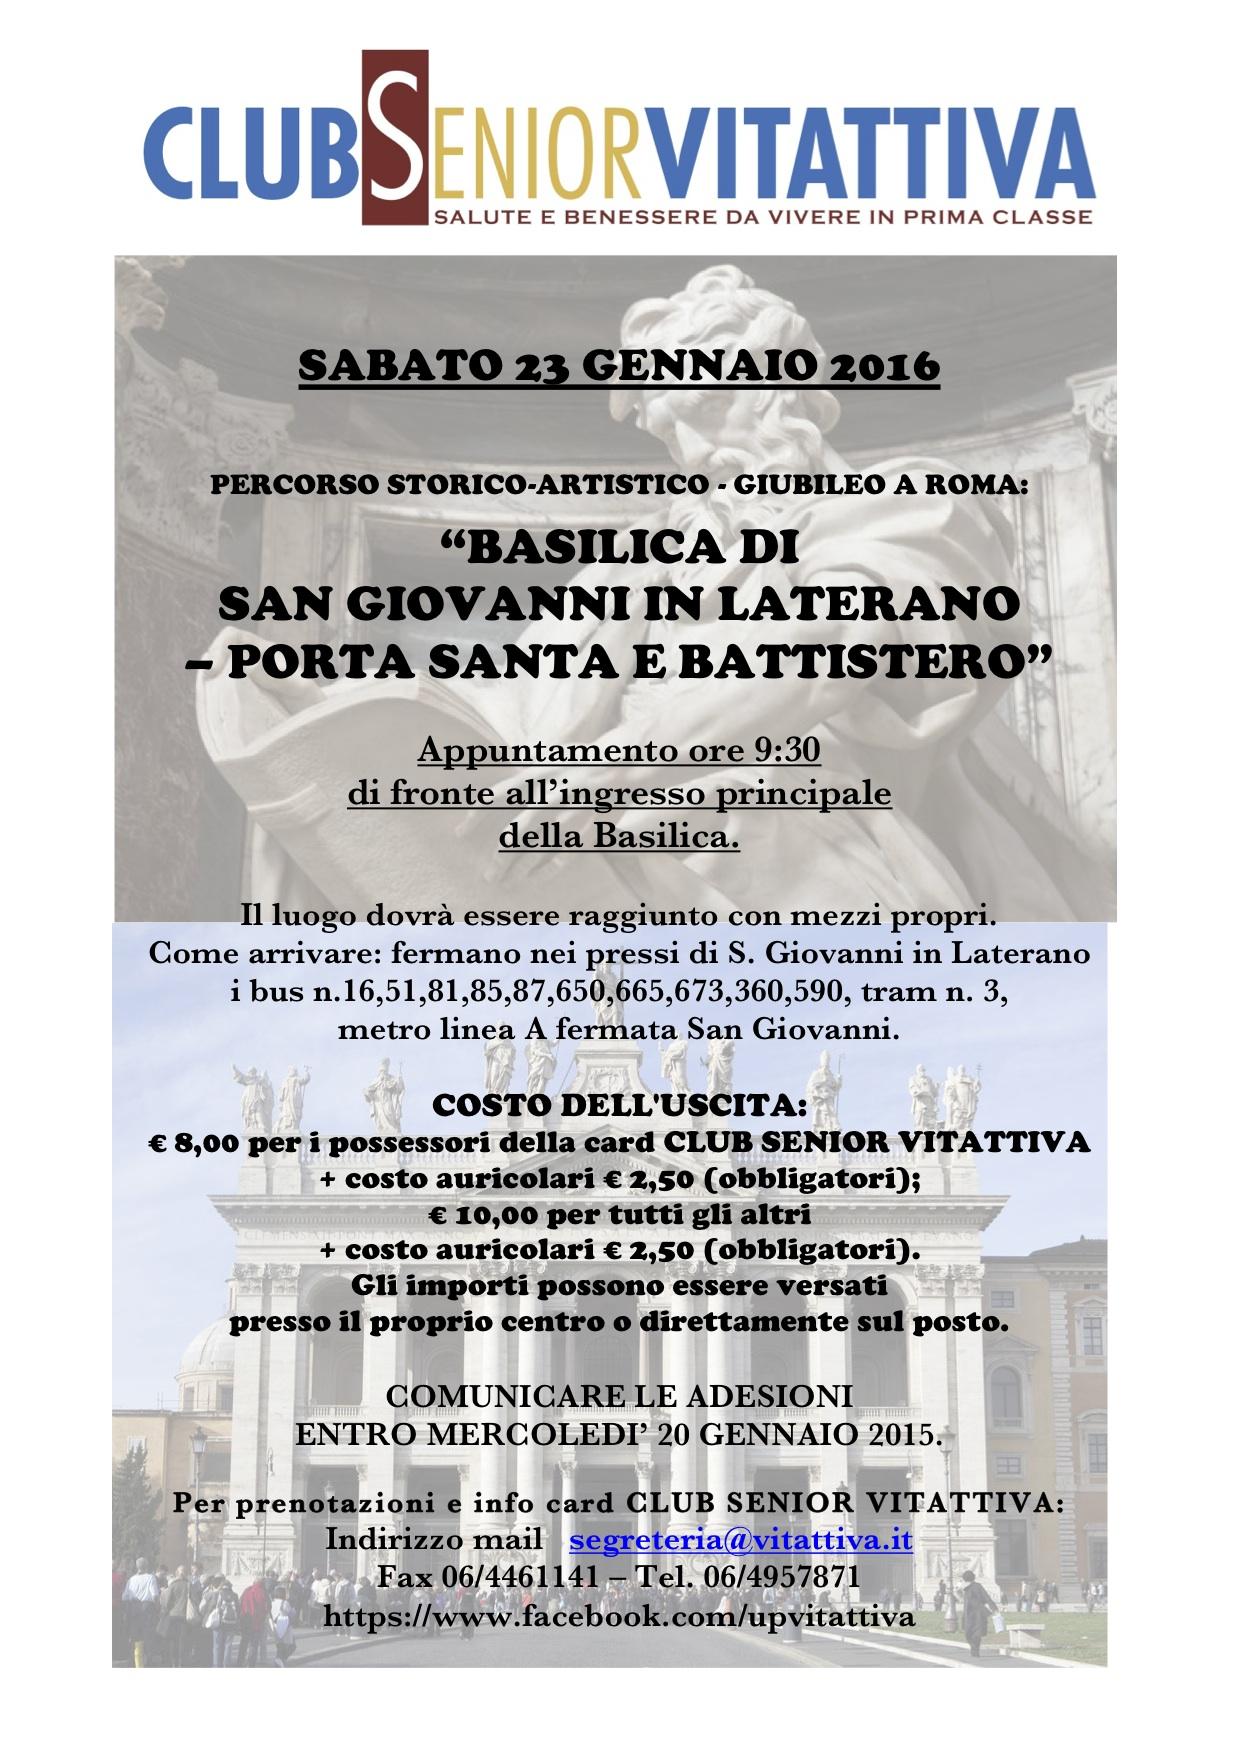 s giova laterano - porta santa e battistero (1)